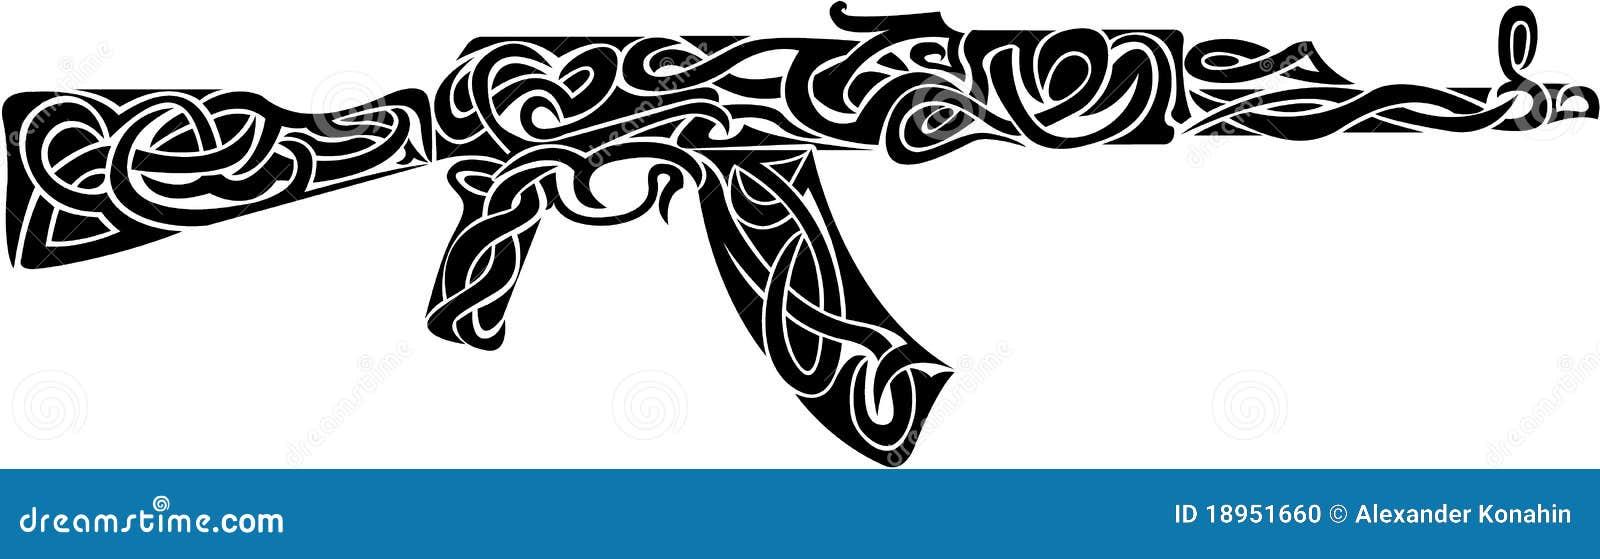 Arma tribal ilustración del vector. Ilustración de ... - photo#5